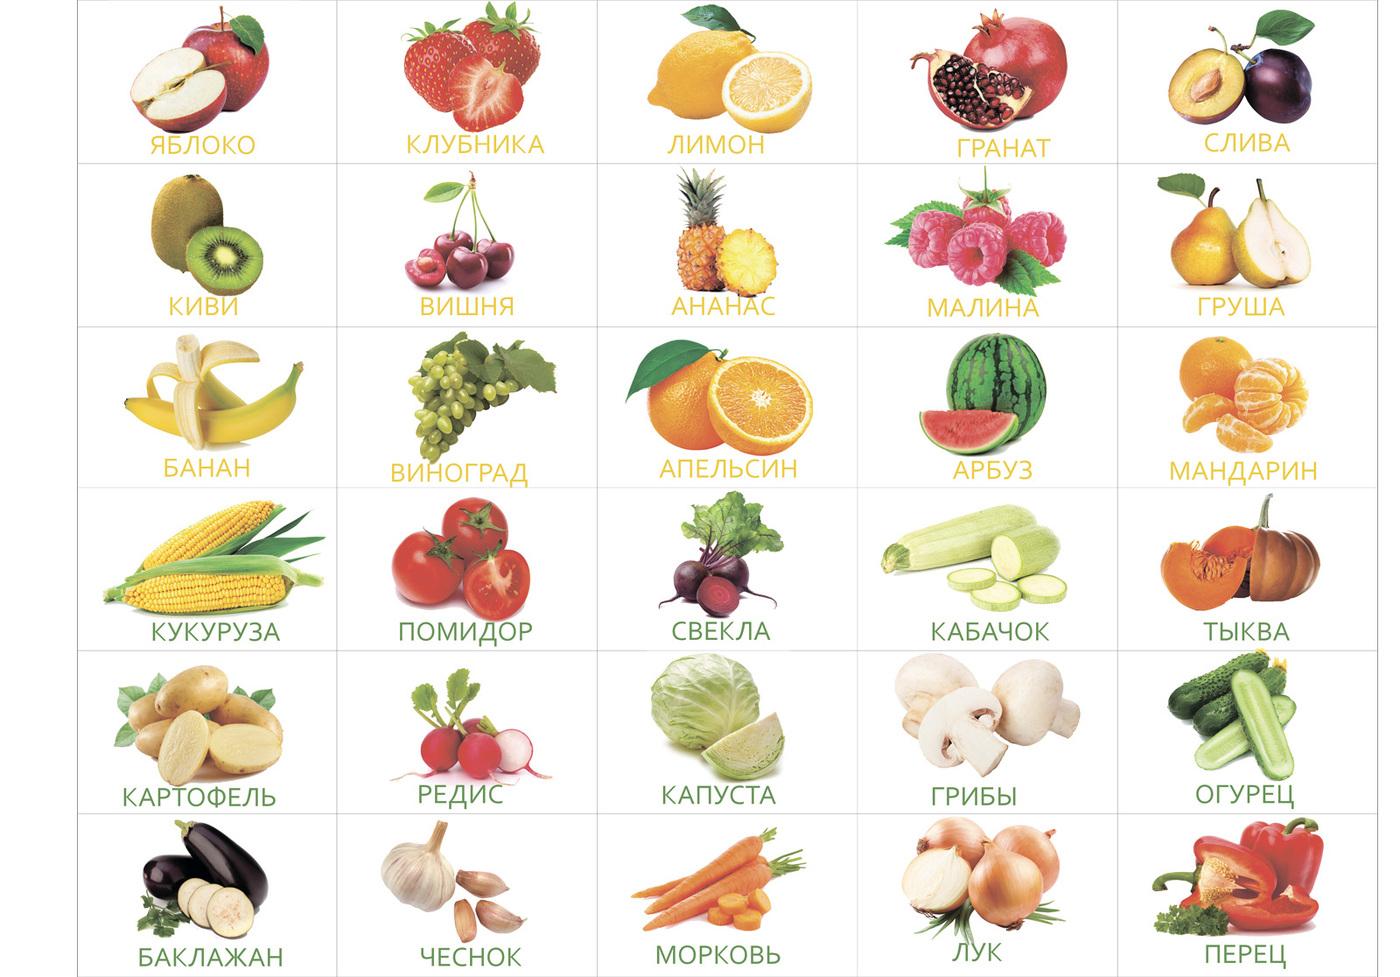 картинки овощей и фруктов для счетов фактур тут принялись